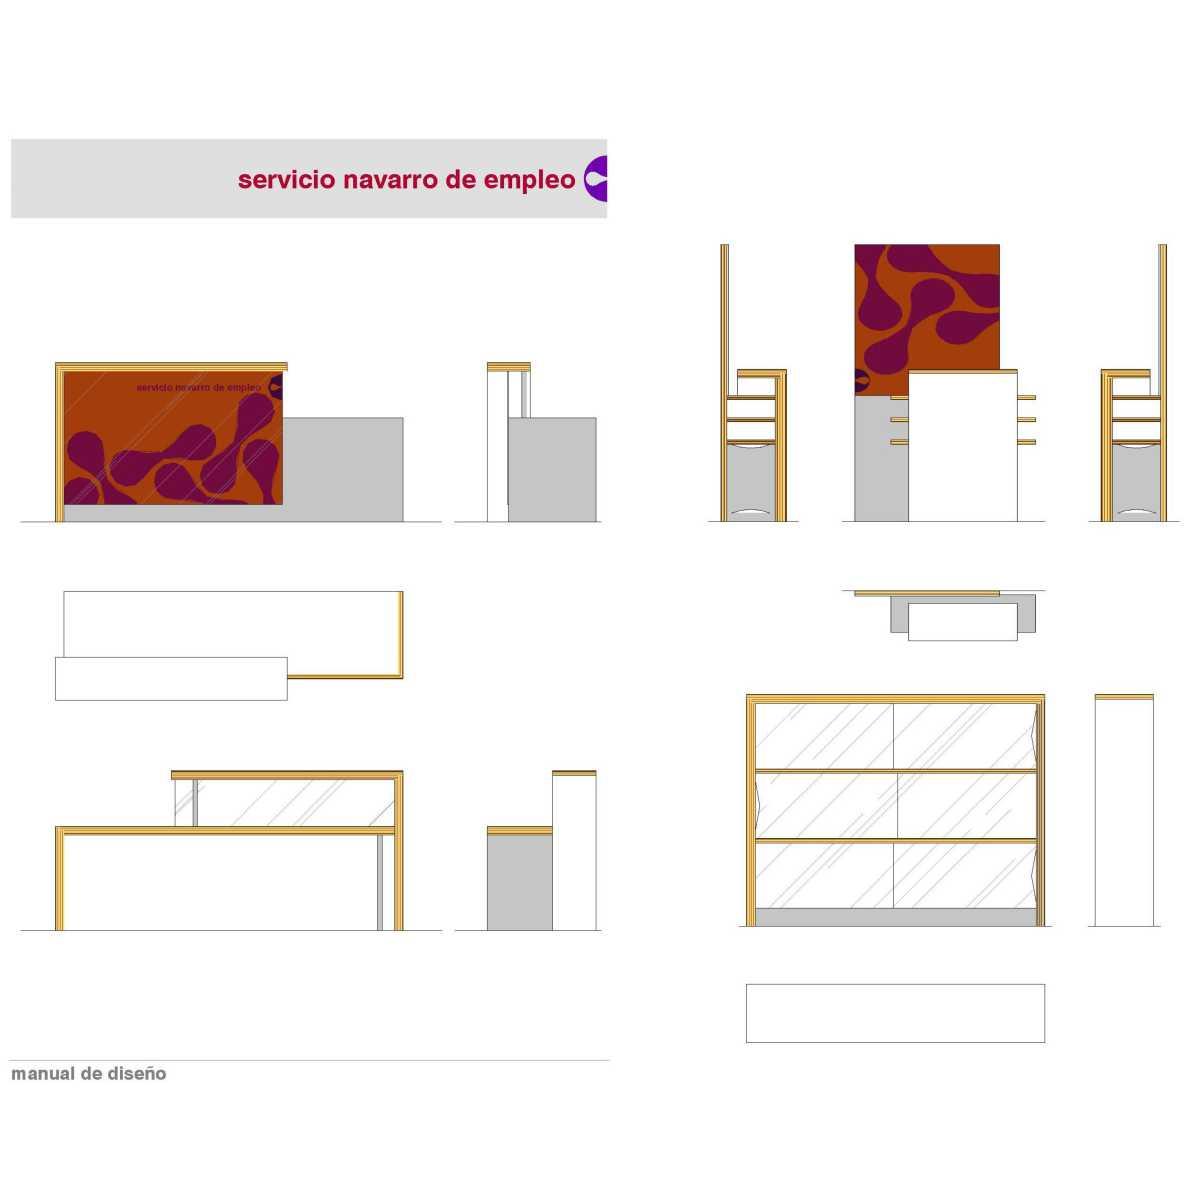 Detalles del mobiliario en el Manual de Diseño.